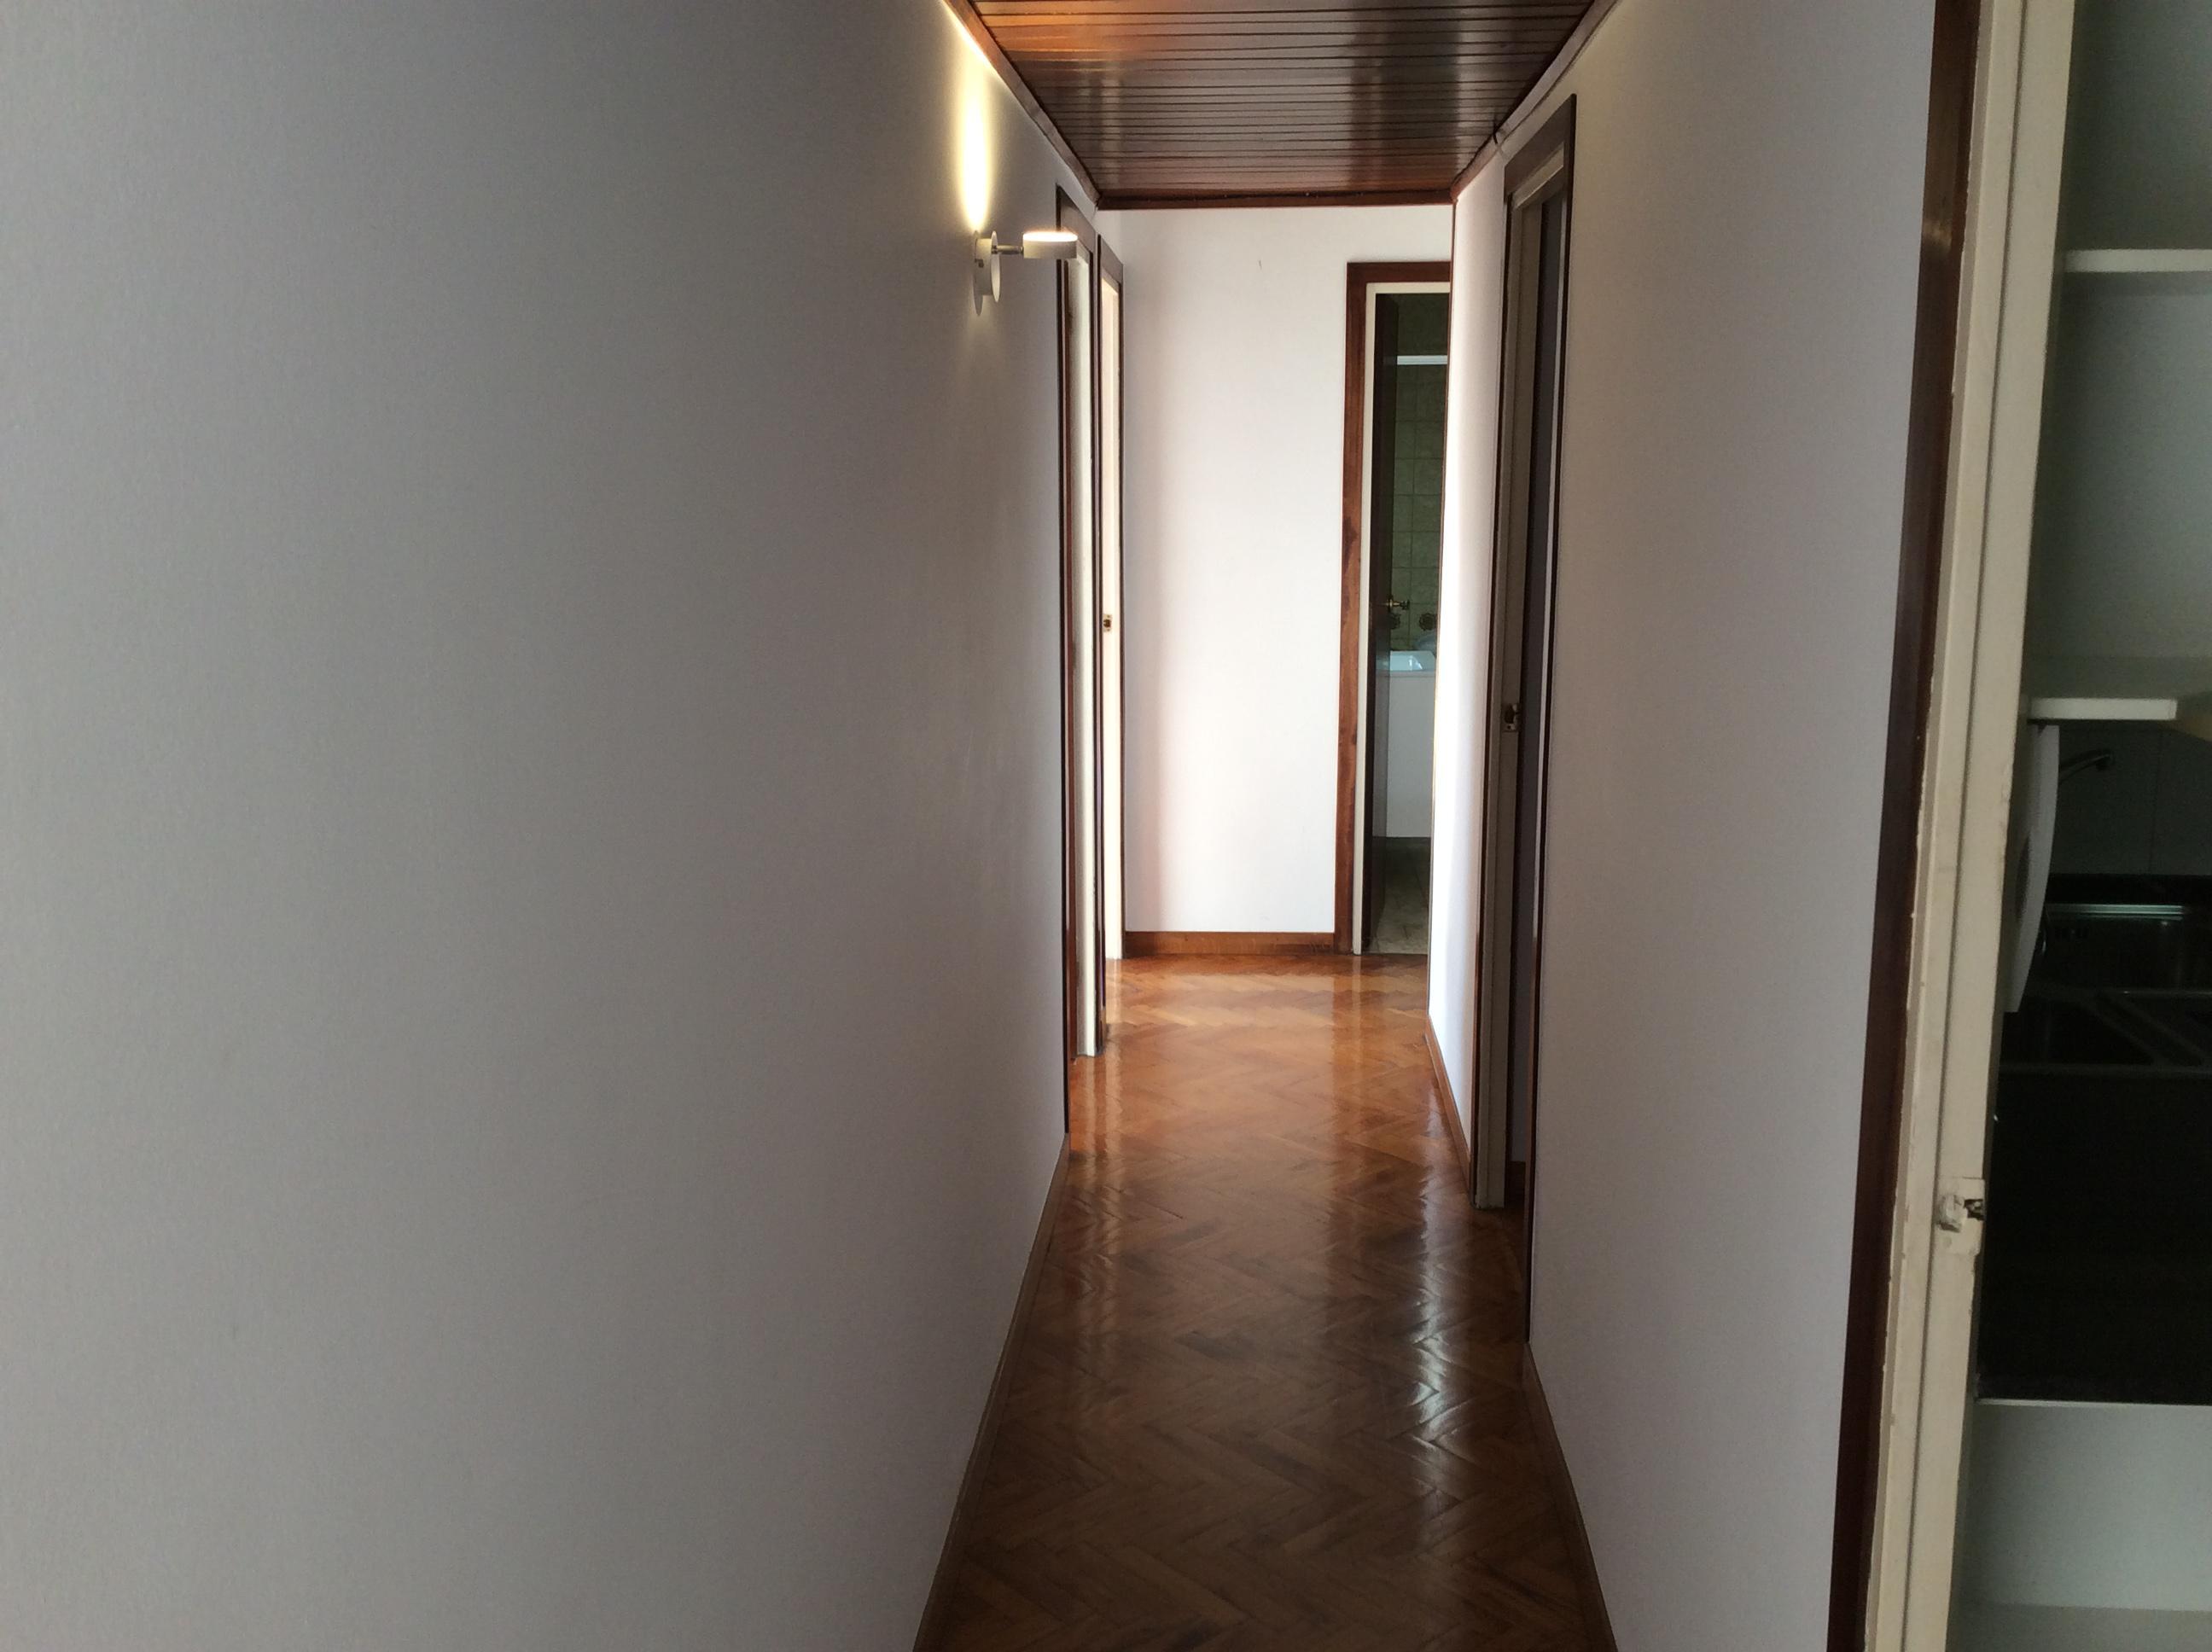 Imagen 4 Piso en alquiler en Barcelona / Junto Juan de sada